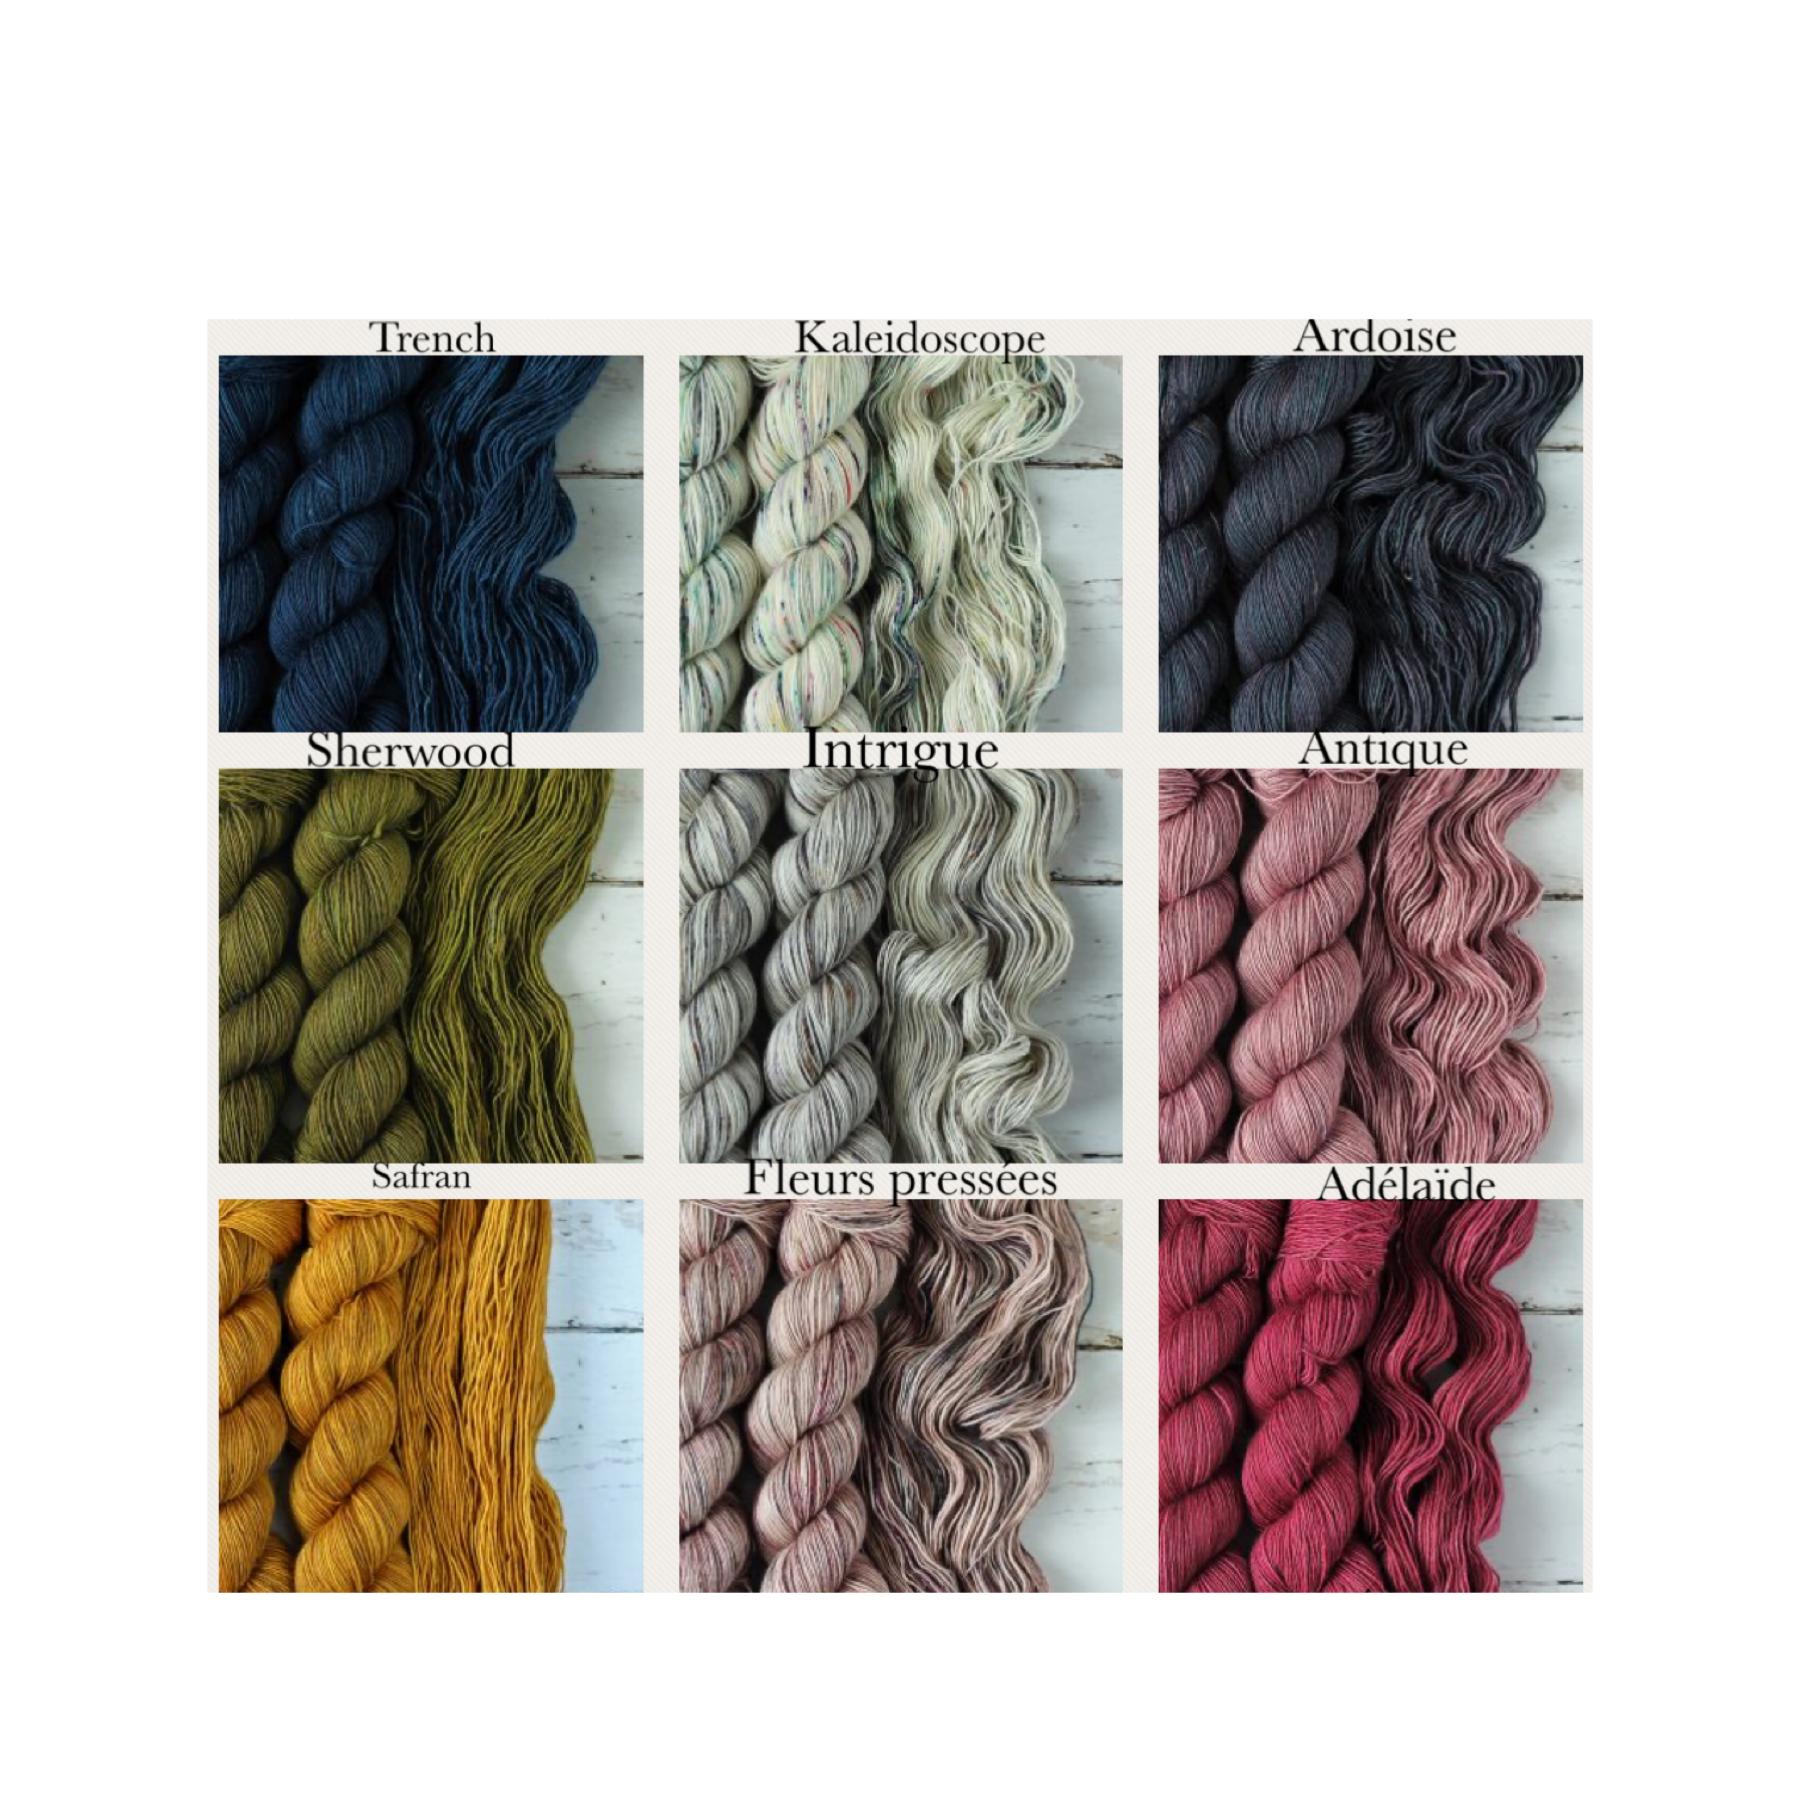 Color : Adélaïde